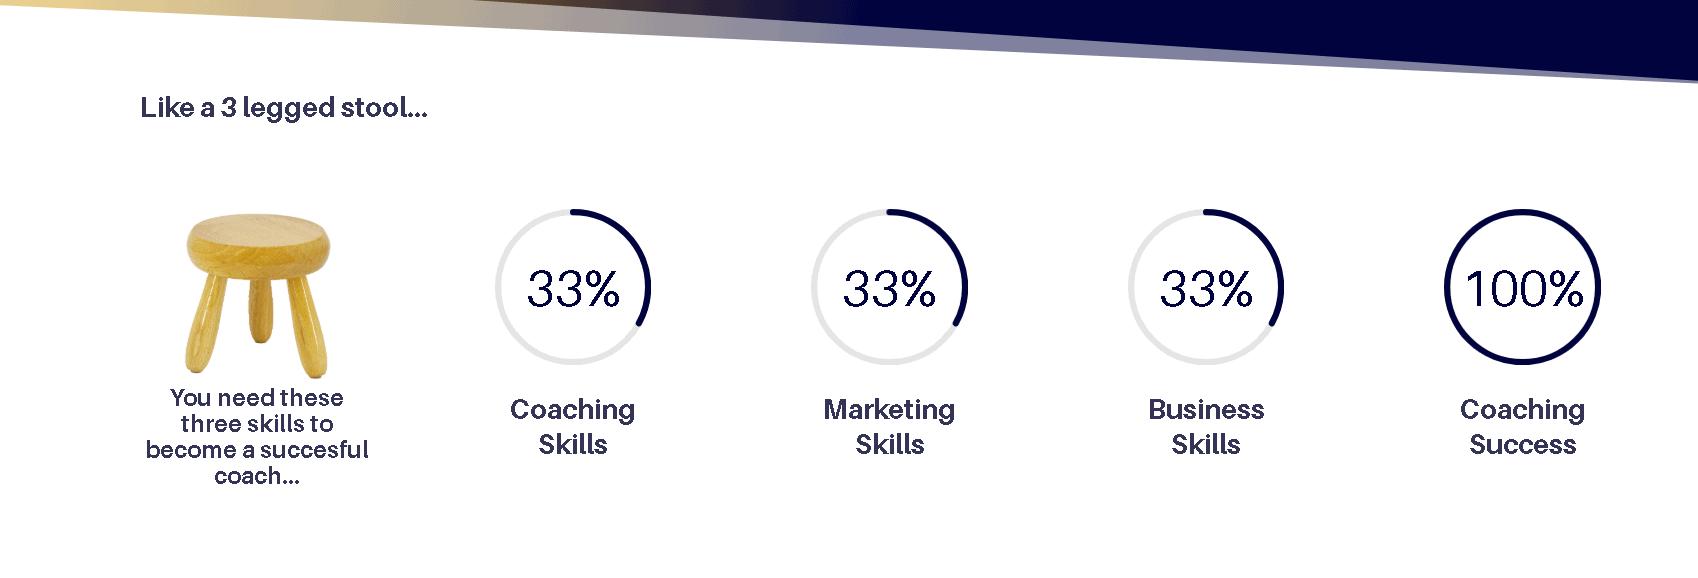 Certified - Coach - Program - Life - Coach - Training - Certification